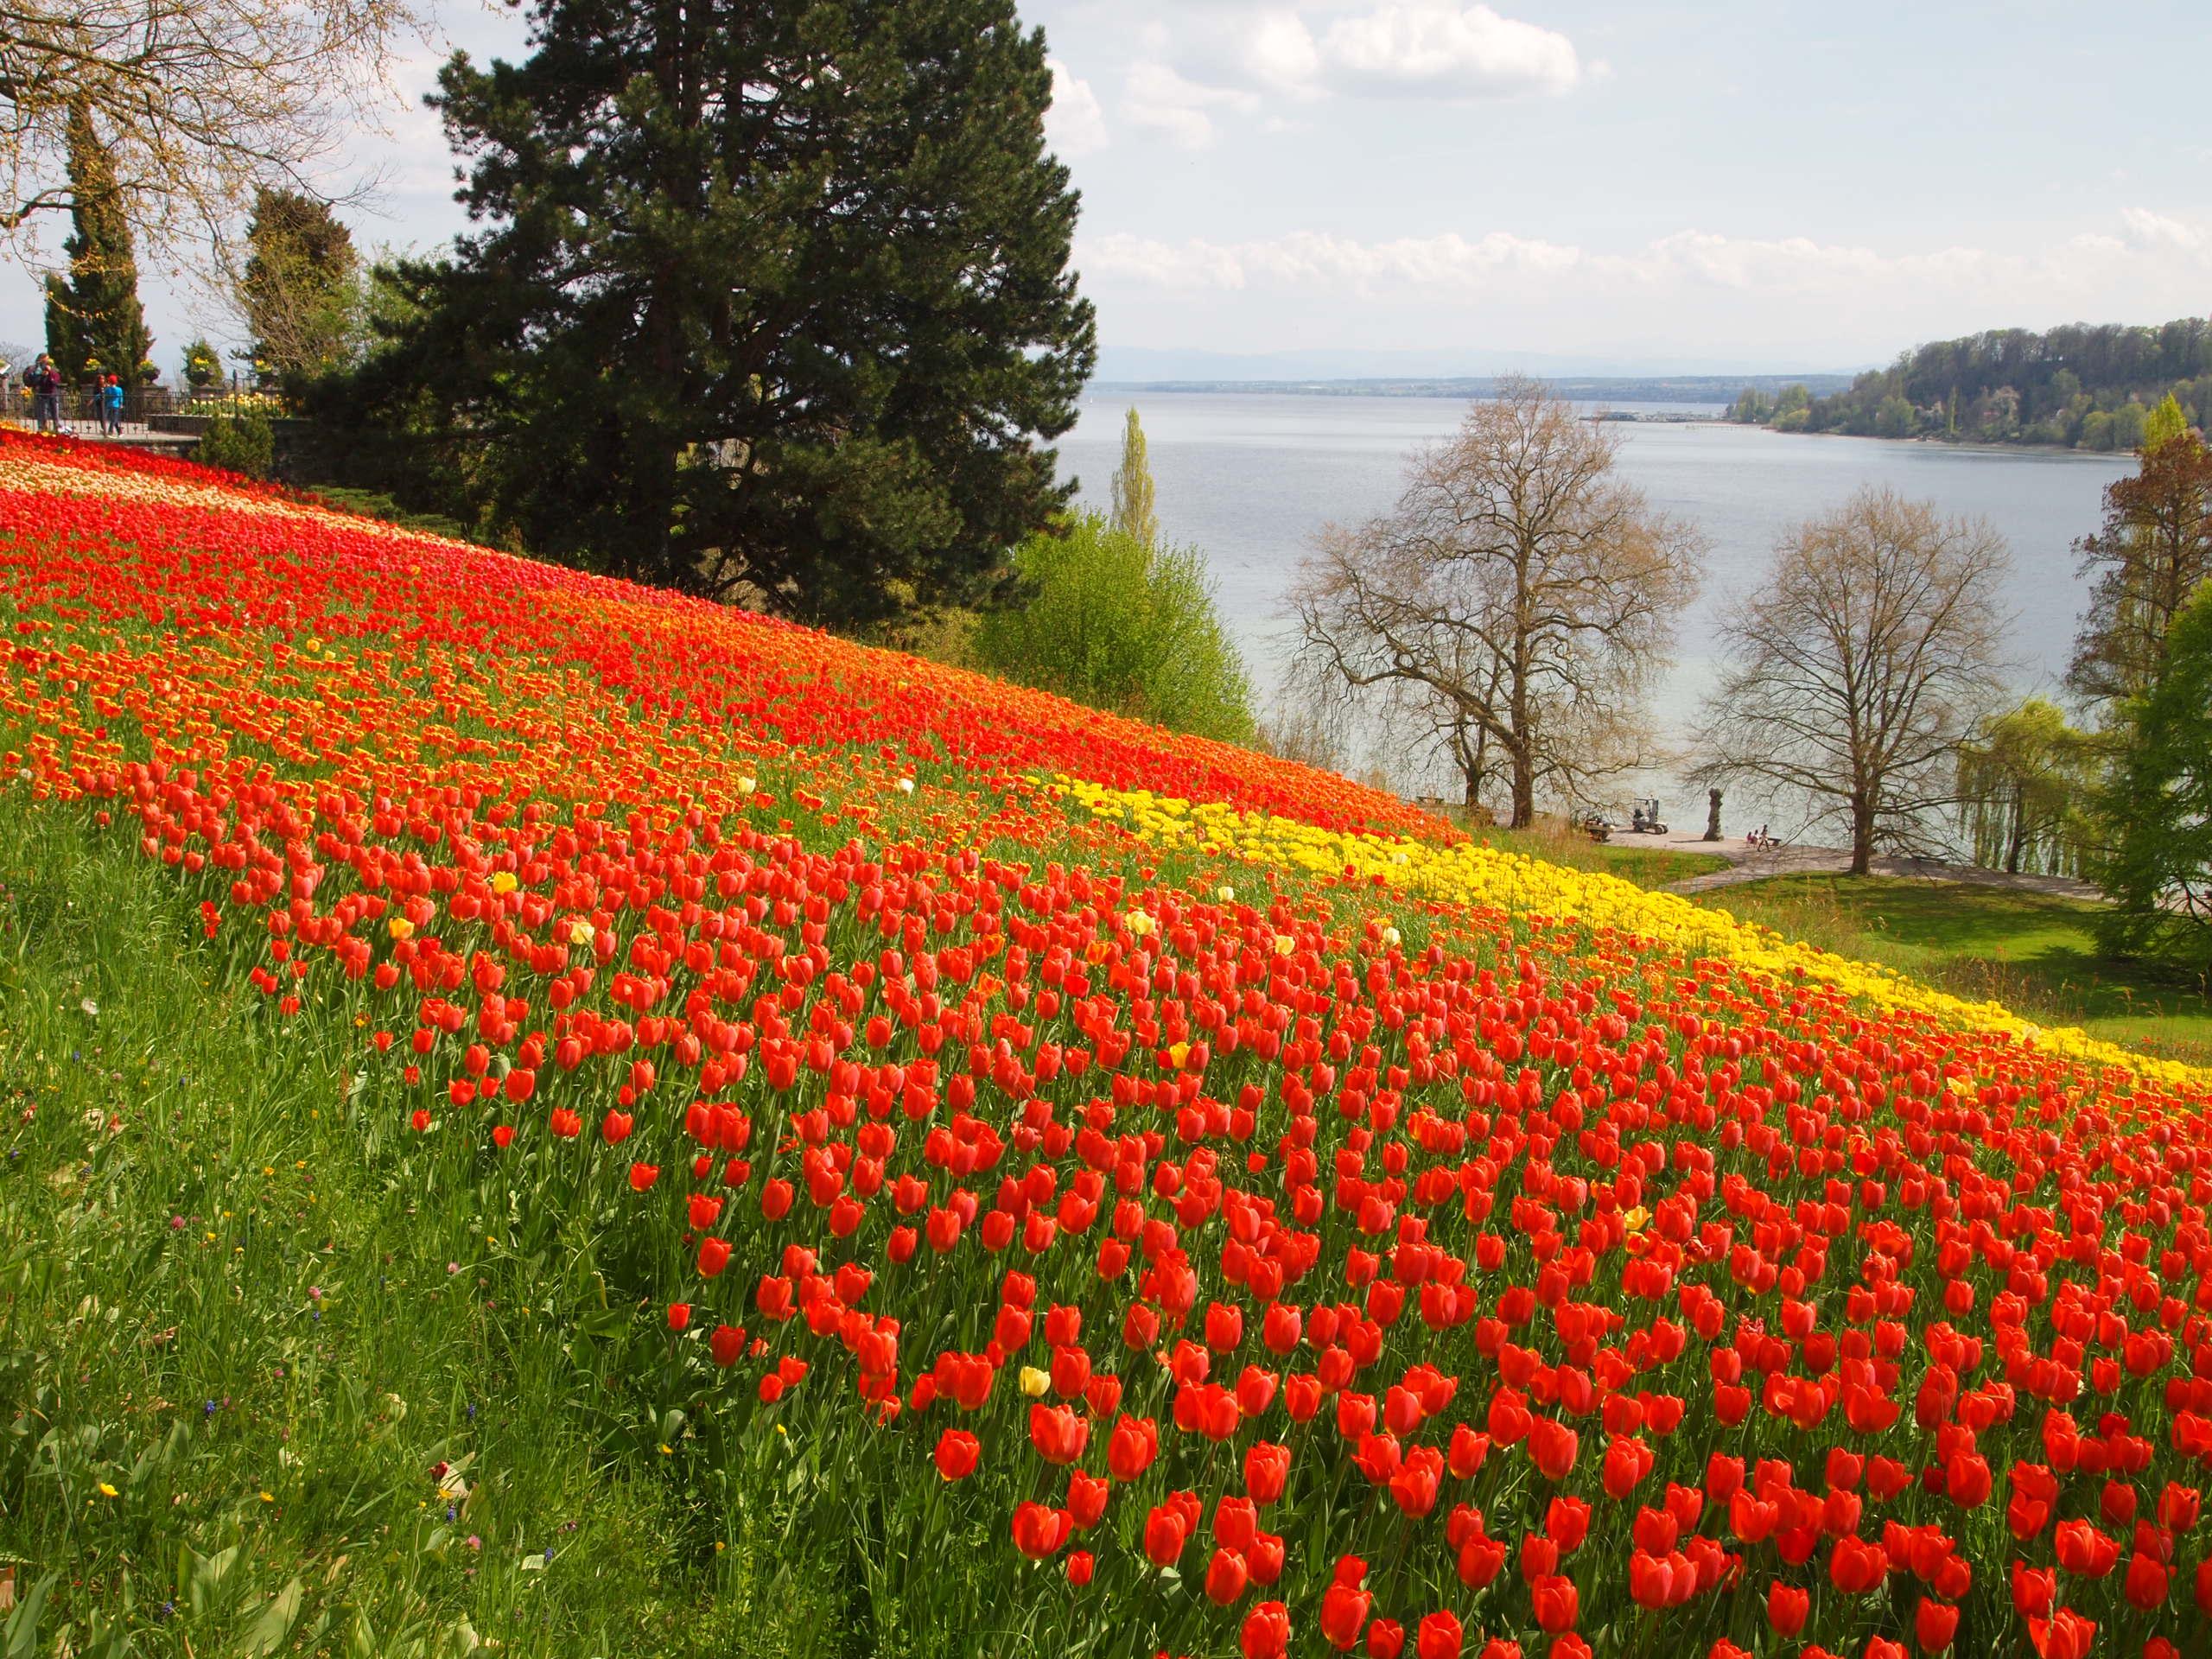 花の島「マイナウ島」では一面に咲くチューリップがまるで絨毯のよう!